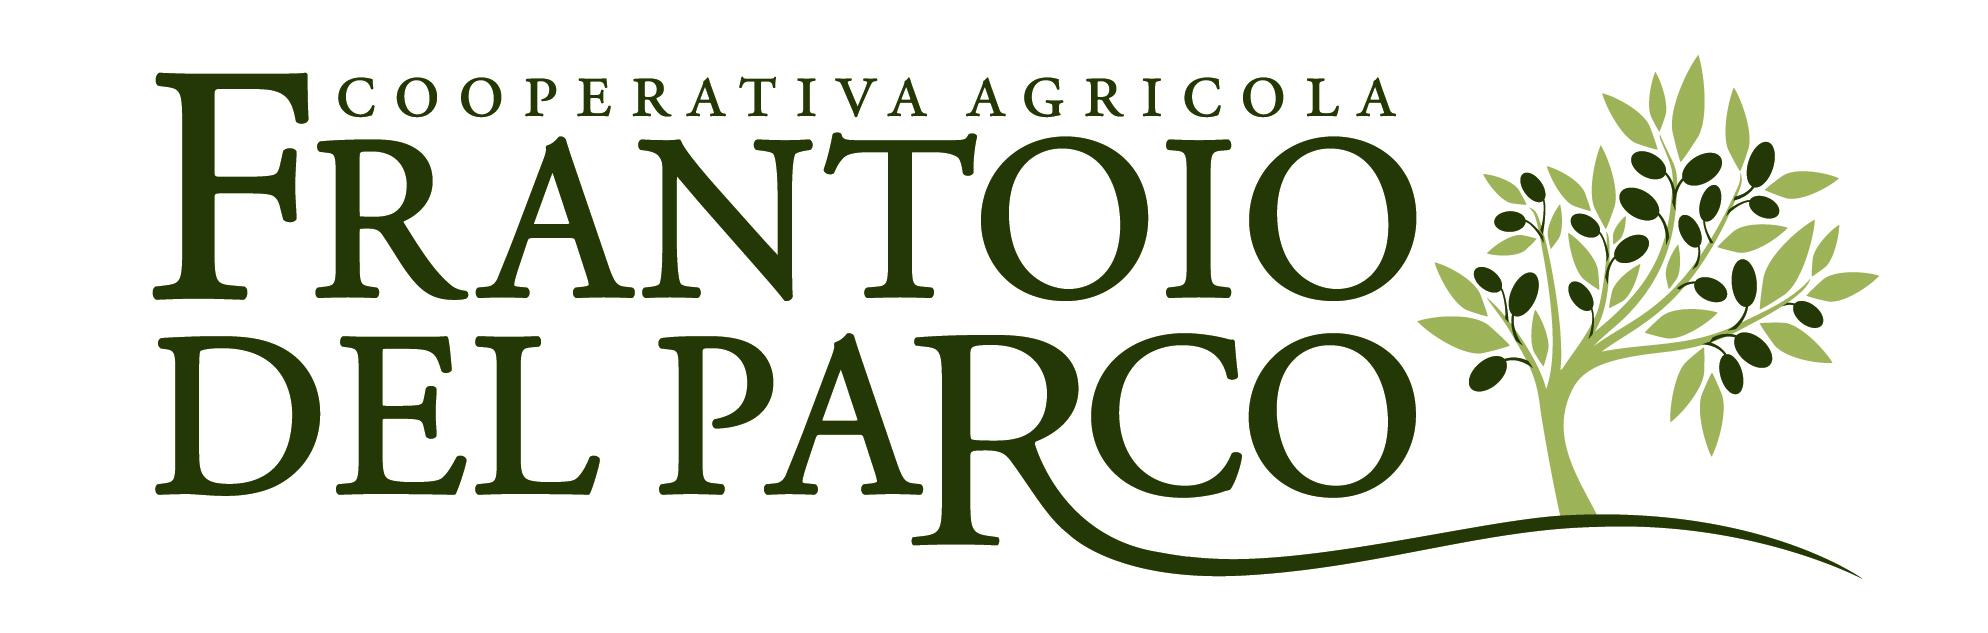 Cooperativa Frantoio del Parco (Rispescia, GR)